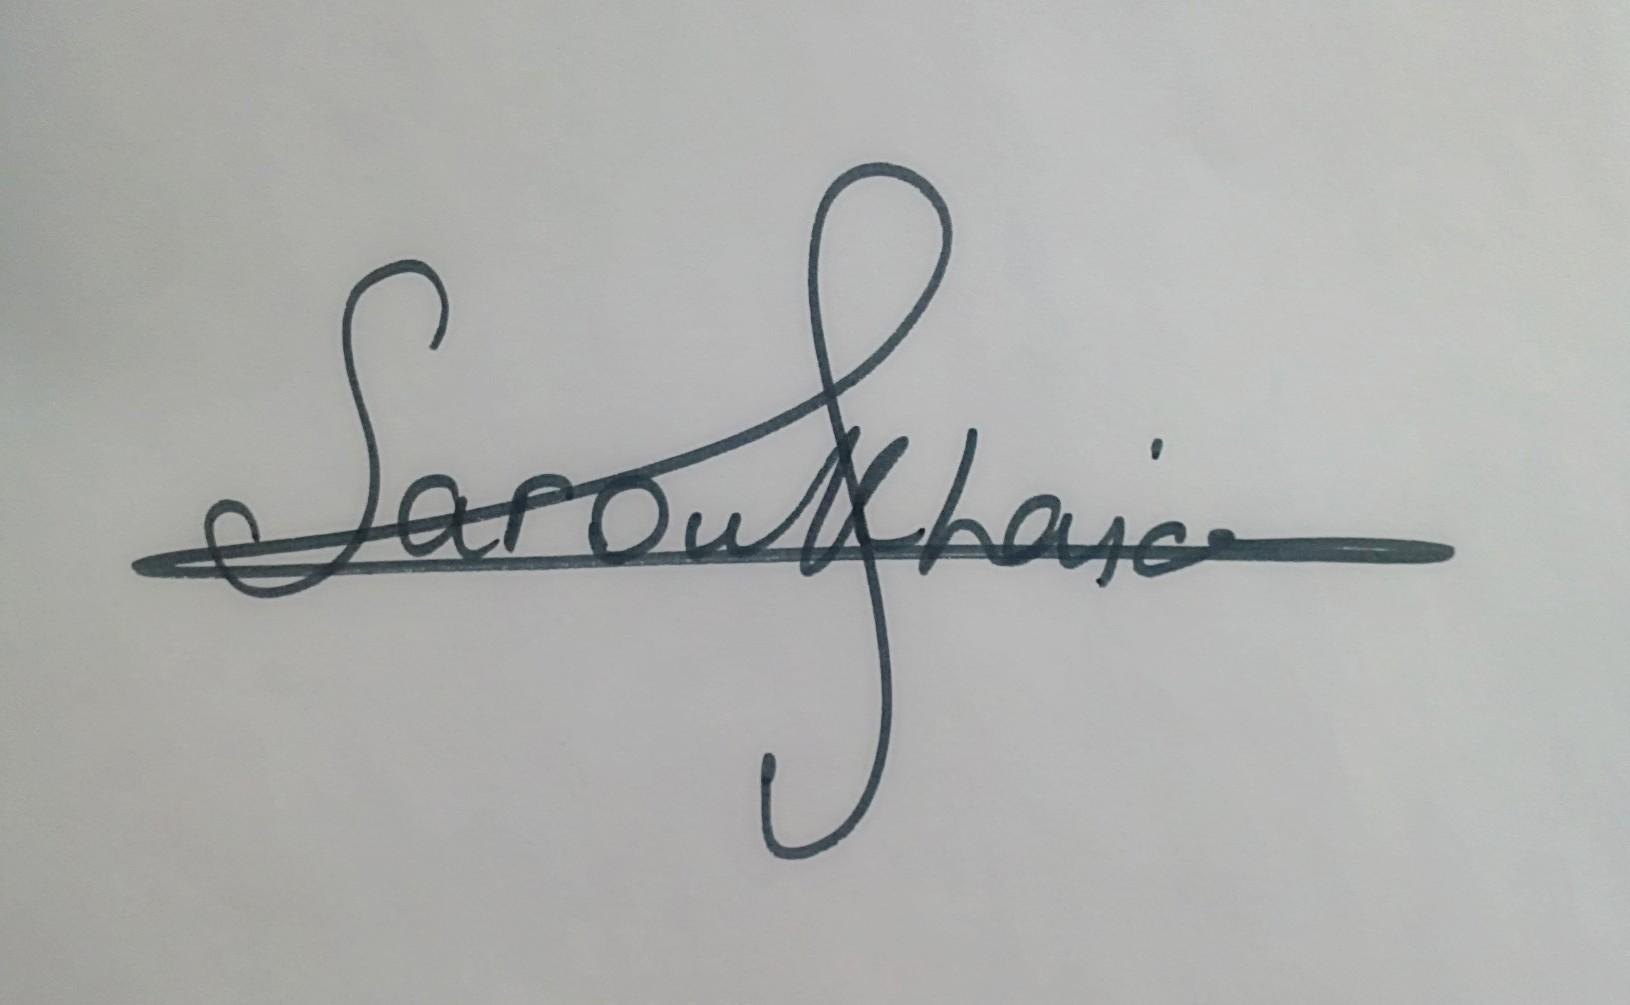 s_shakeh's Signature